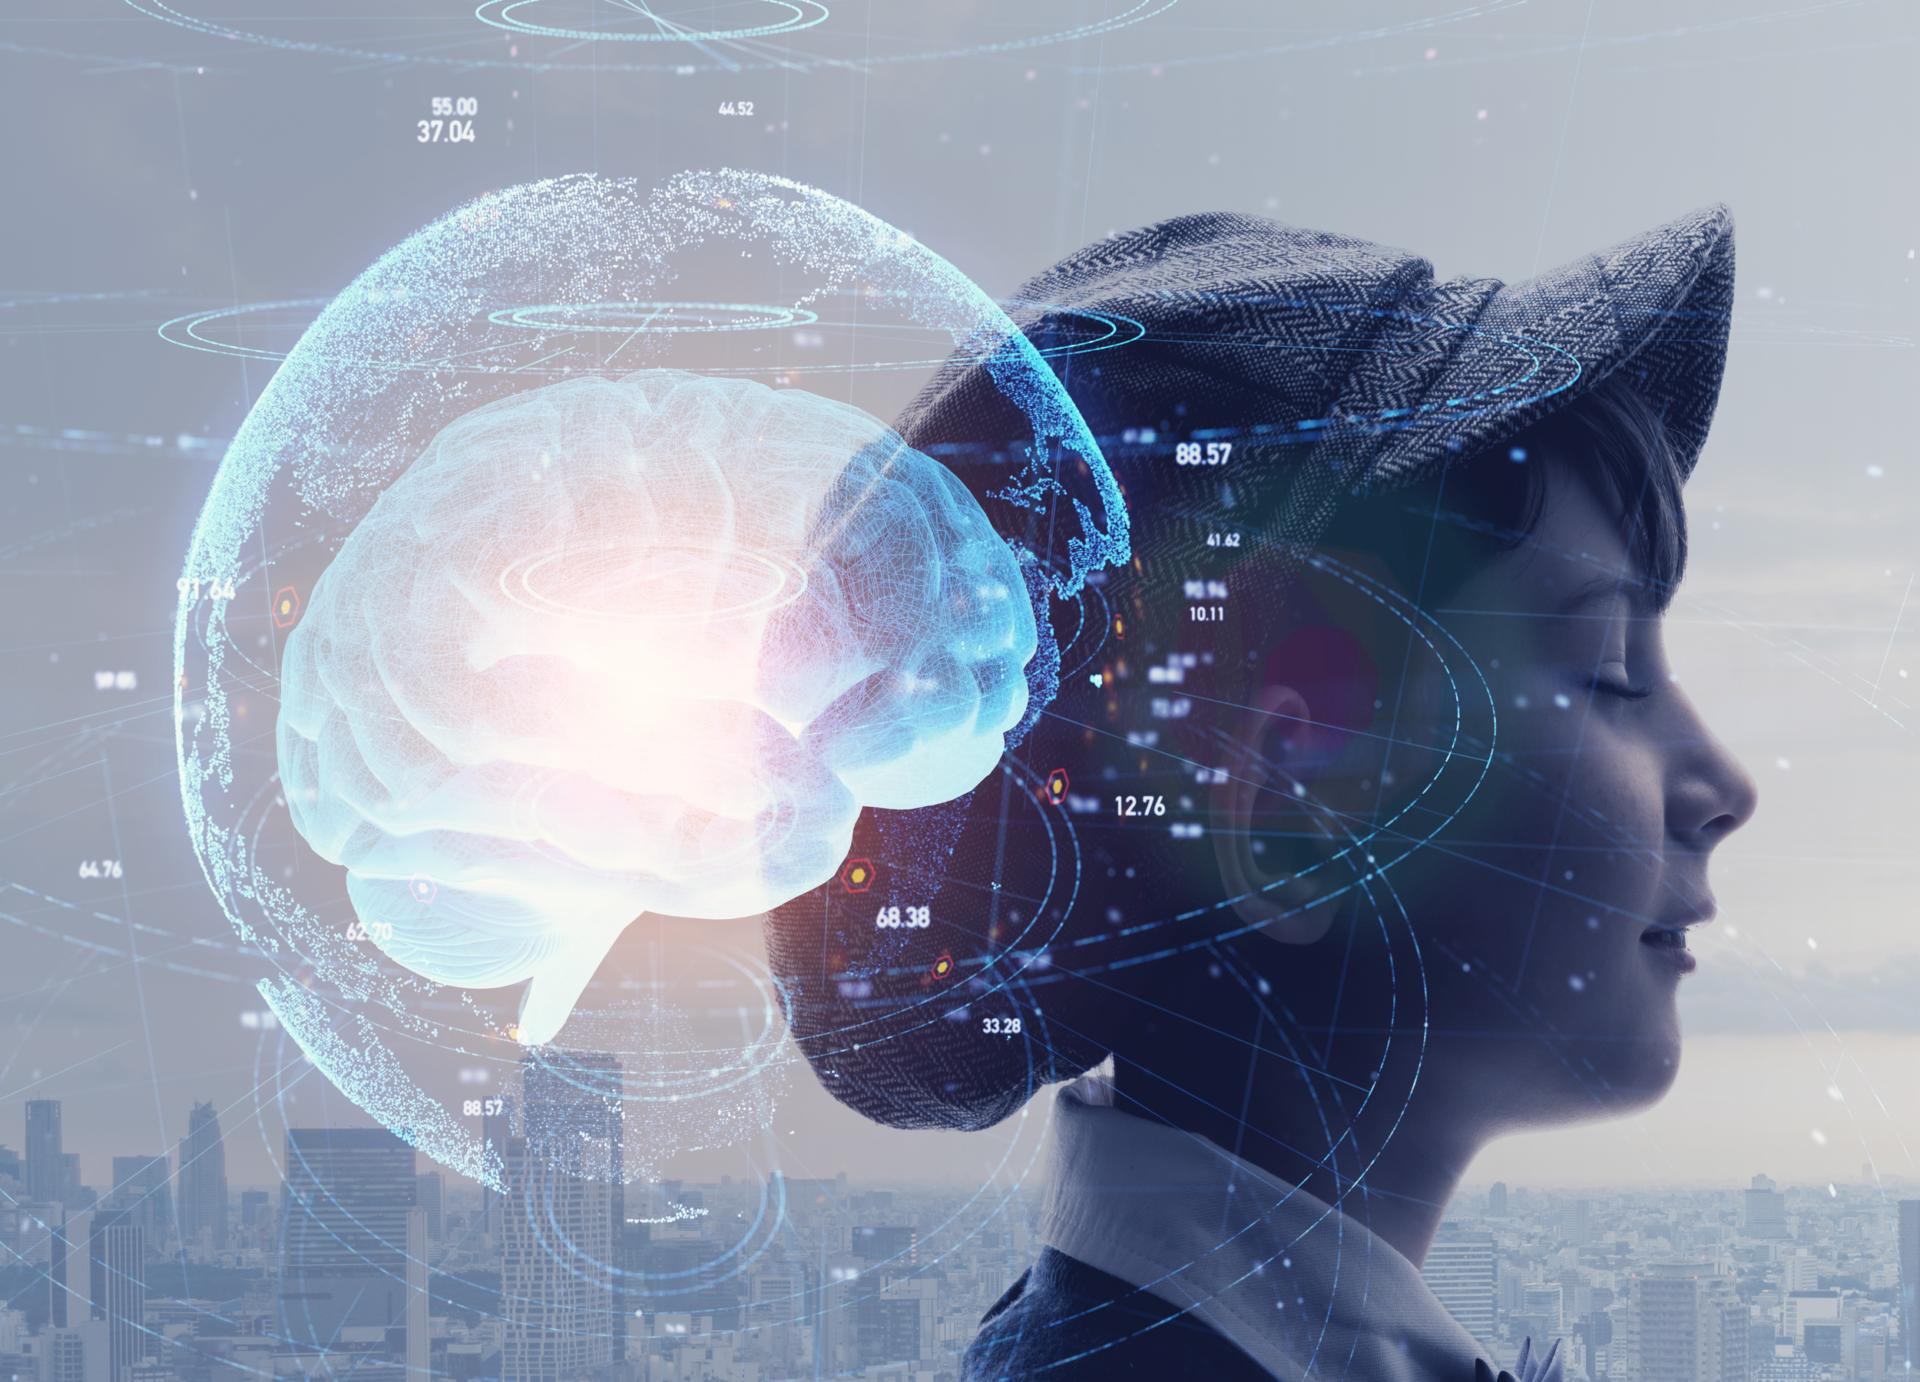 IQ, Brain